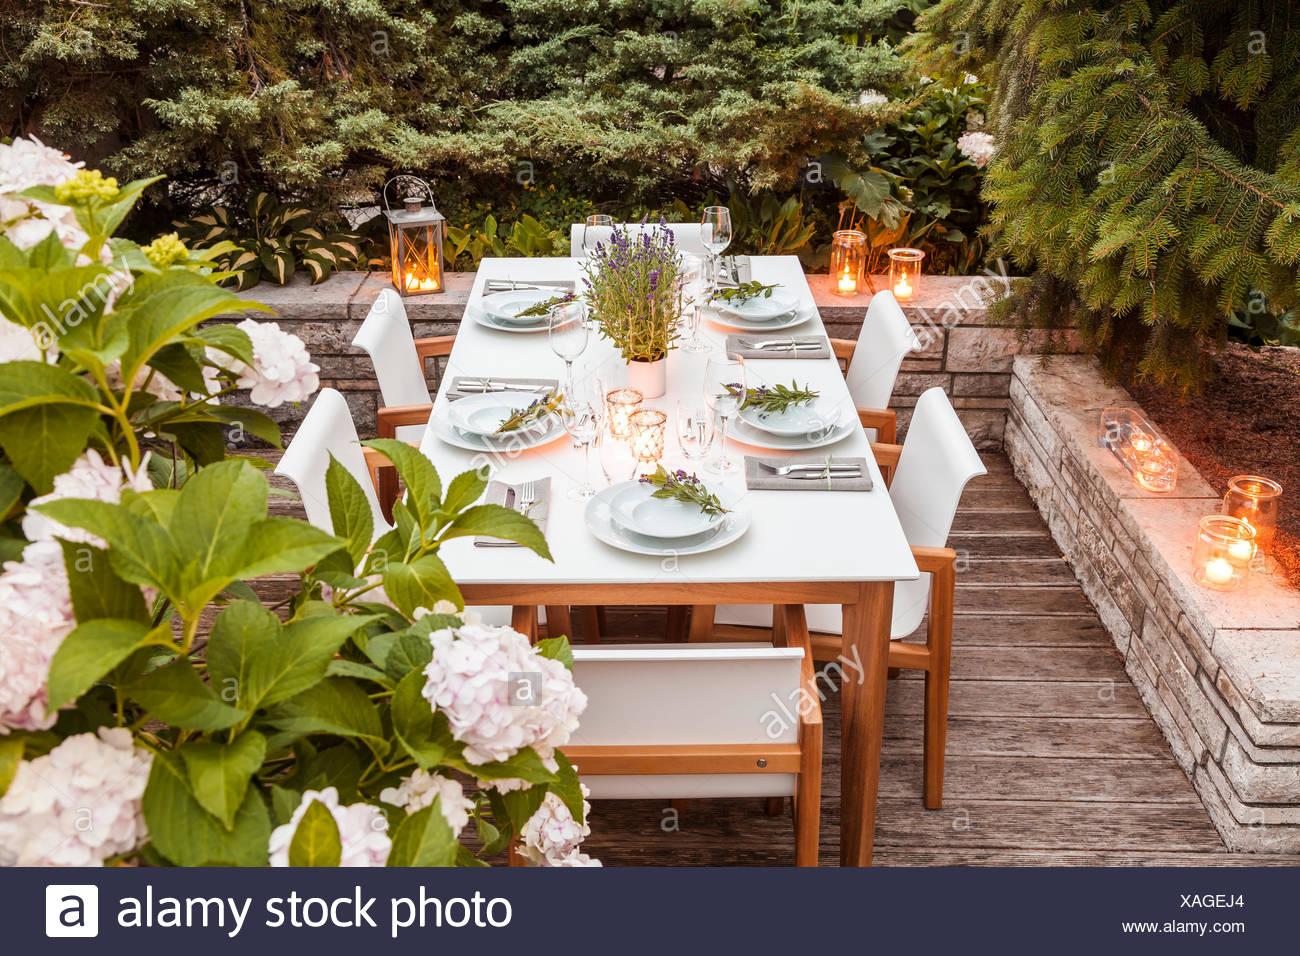 deutschland garten terrasse holzdeck gartenm bel moderne sitzgruppe festlich gedeckter. Black Bedroom Furniture Sets. Home Design Ideas